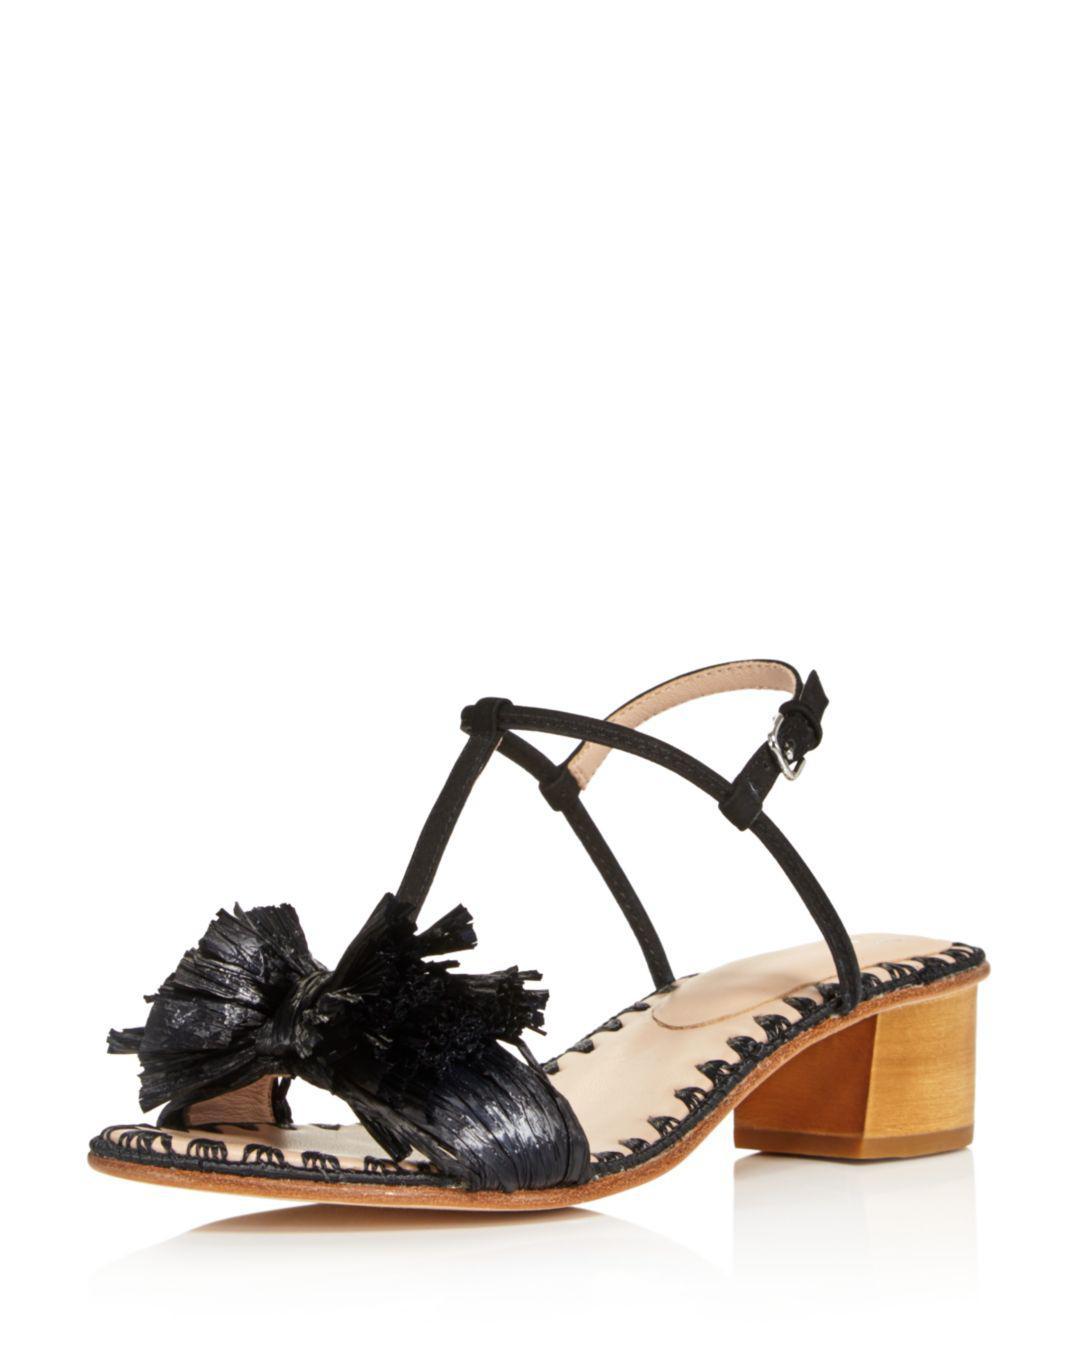 806ba921138 Lyst - Pour La Victoire Women s Julie Nubuck Leather   Raffia T ...